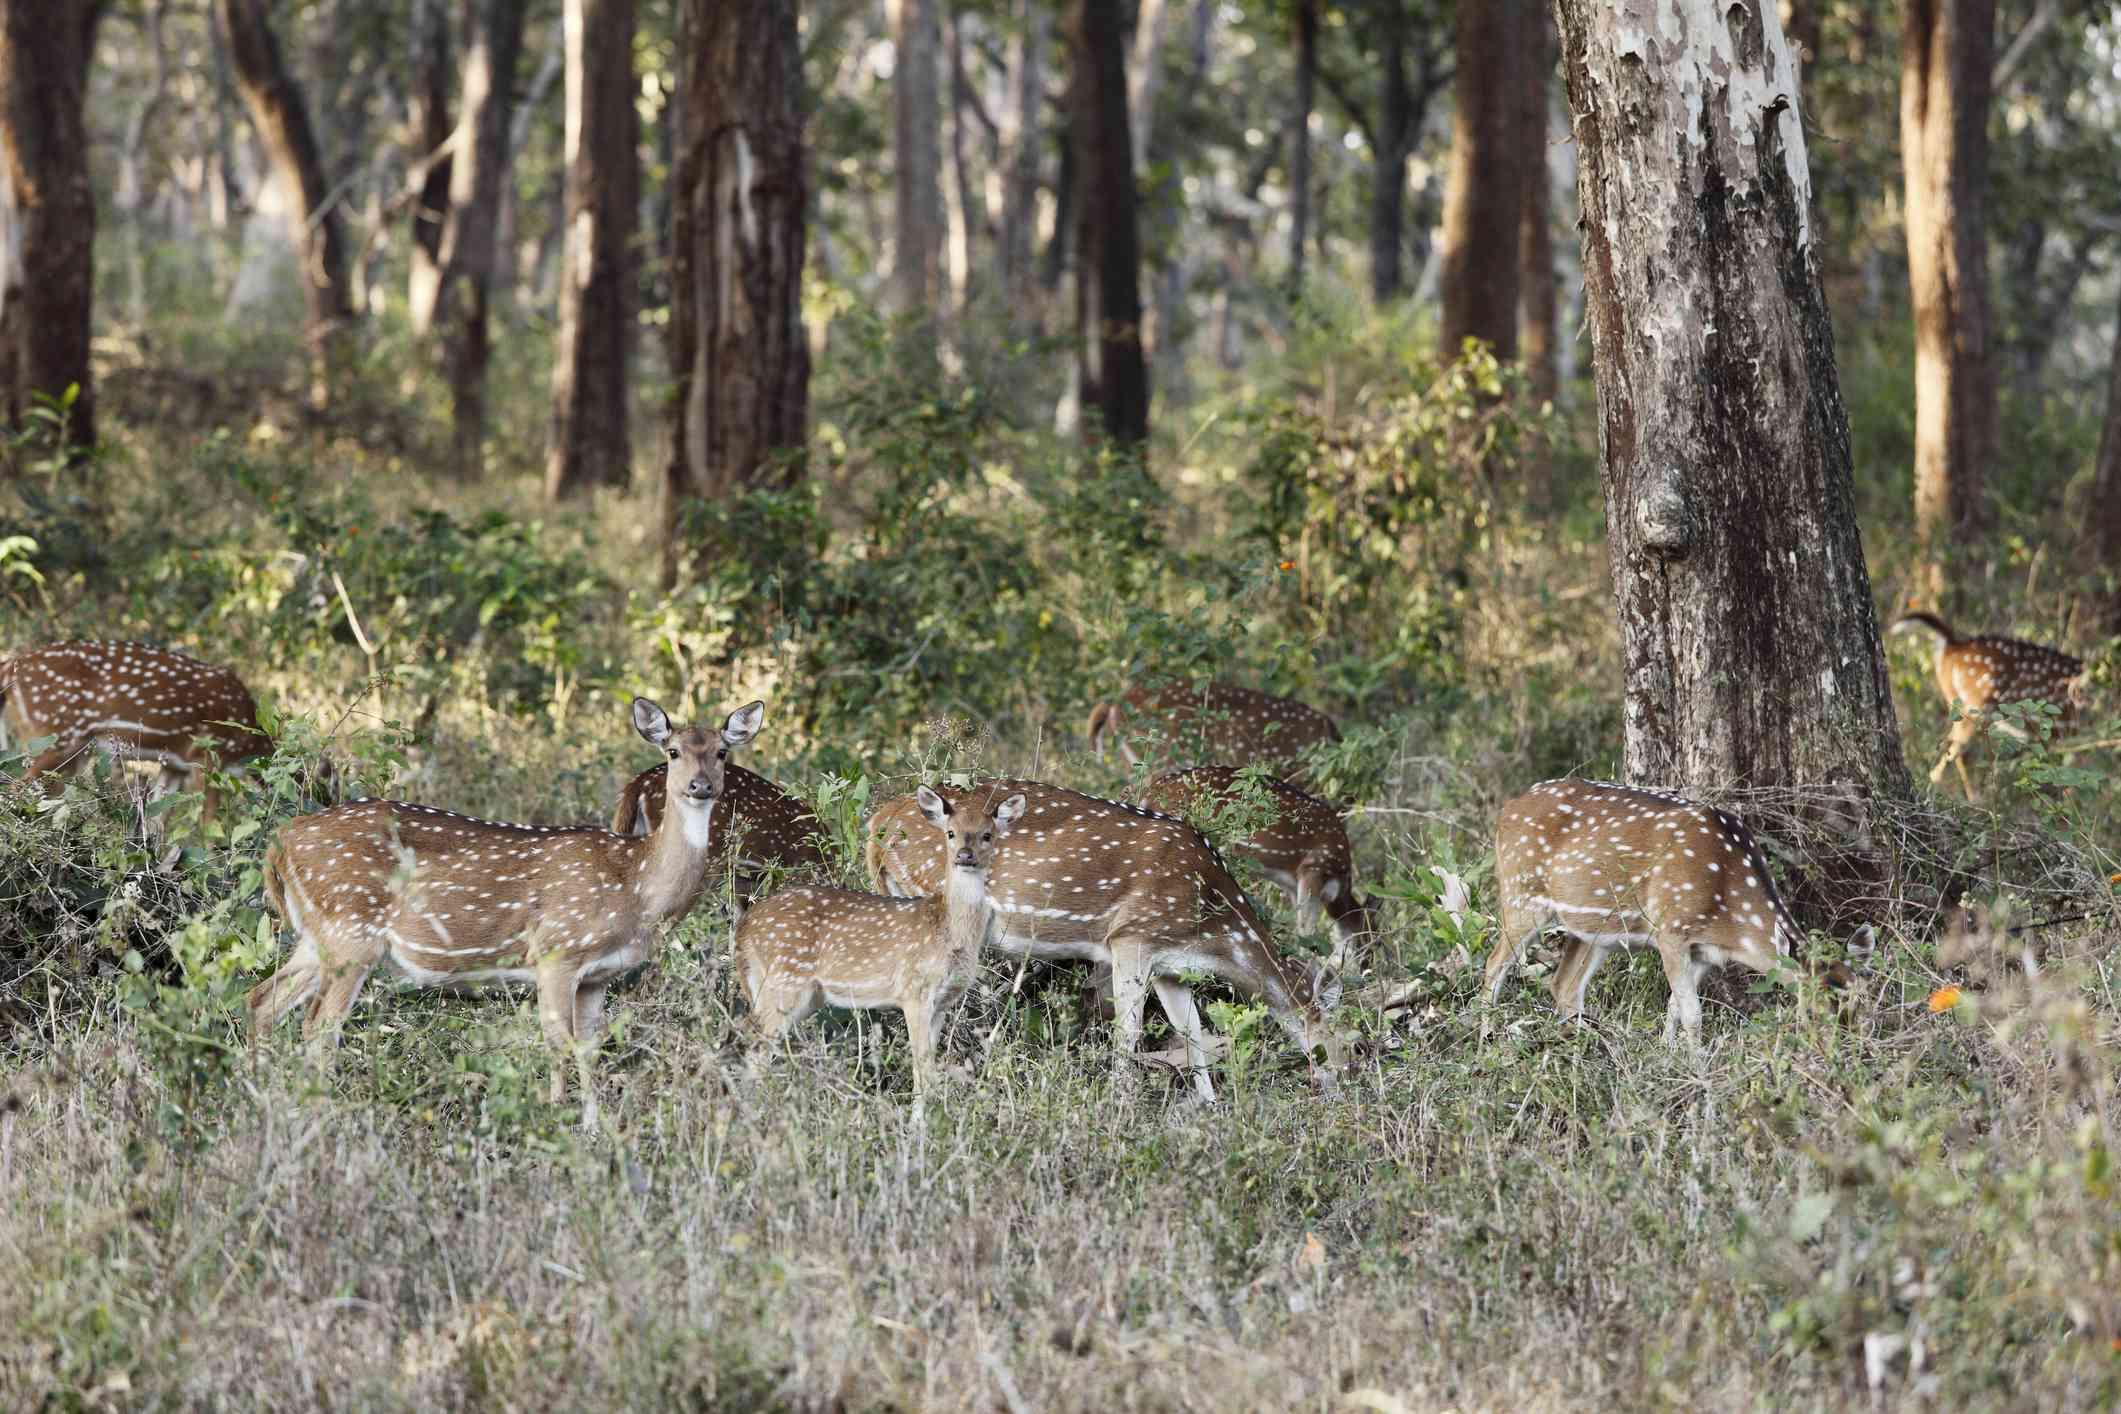 Group of axis deer, chitals -Axis axis-, Mudumalai National Park, Tamil Nadu